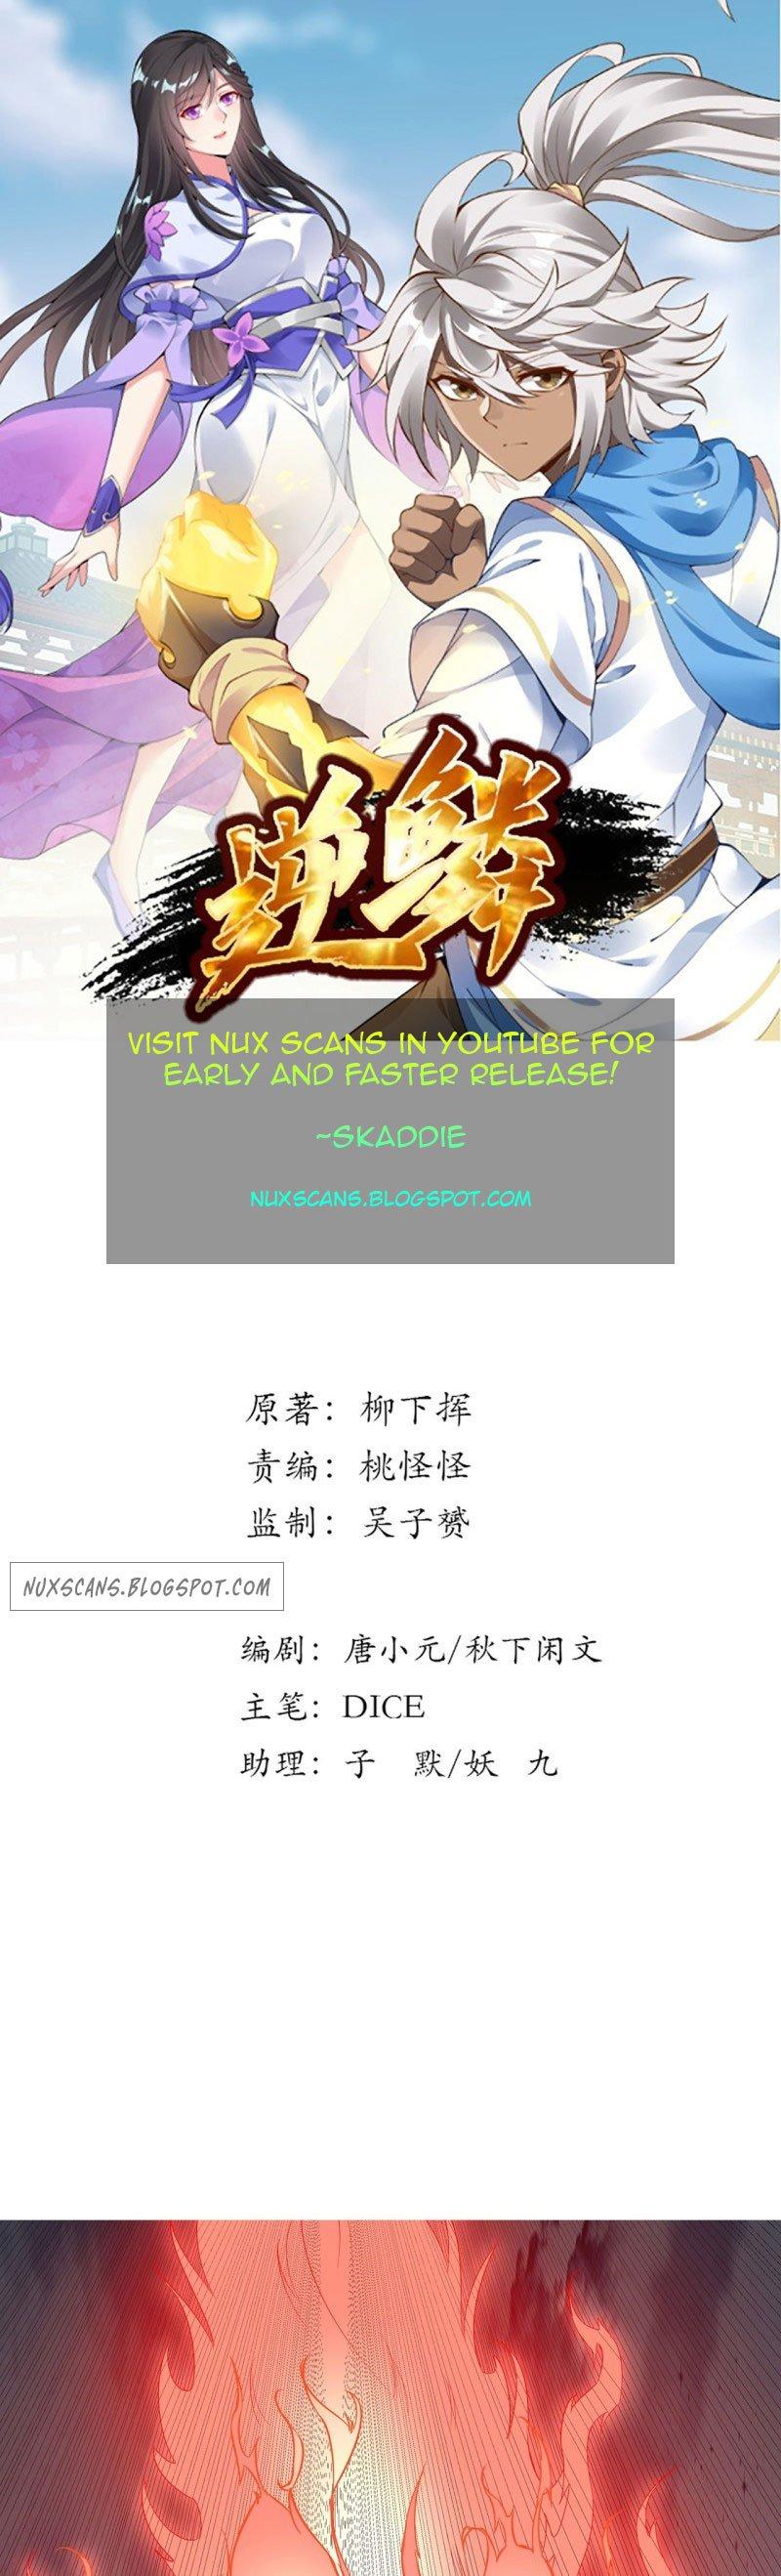 https://img3.nineanime.com/comics/pic4/43/37931/2913596/d45b6d92e35ff59d3f5a1861e431d581.jpg Page 1